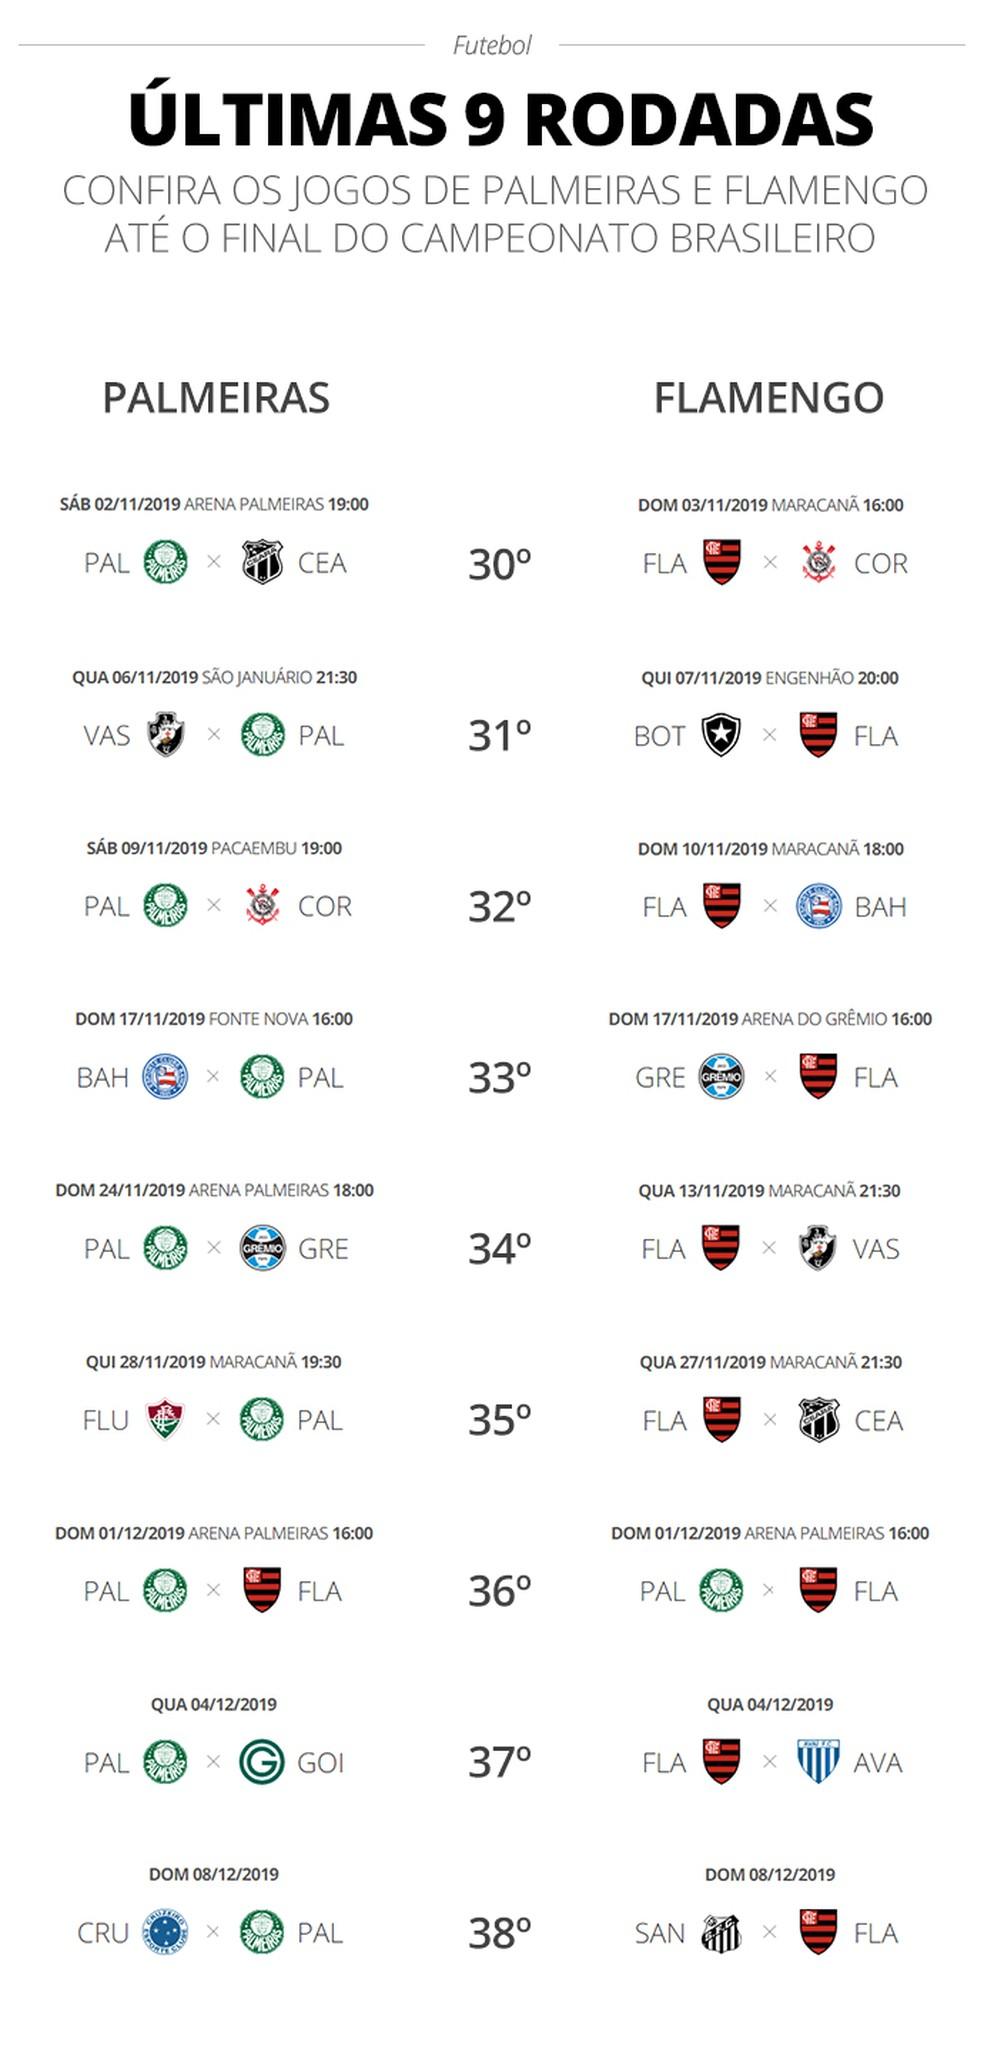 Ainda Da Compare A Tabela Do Palmeiras Com A Do Flamengo E Simule As Nove Rodadas Finais Palmeiras Ge